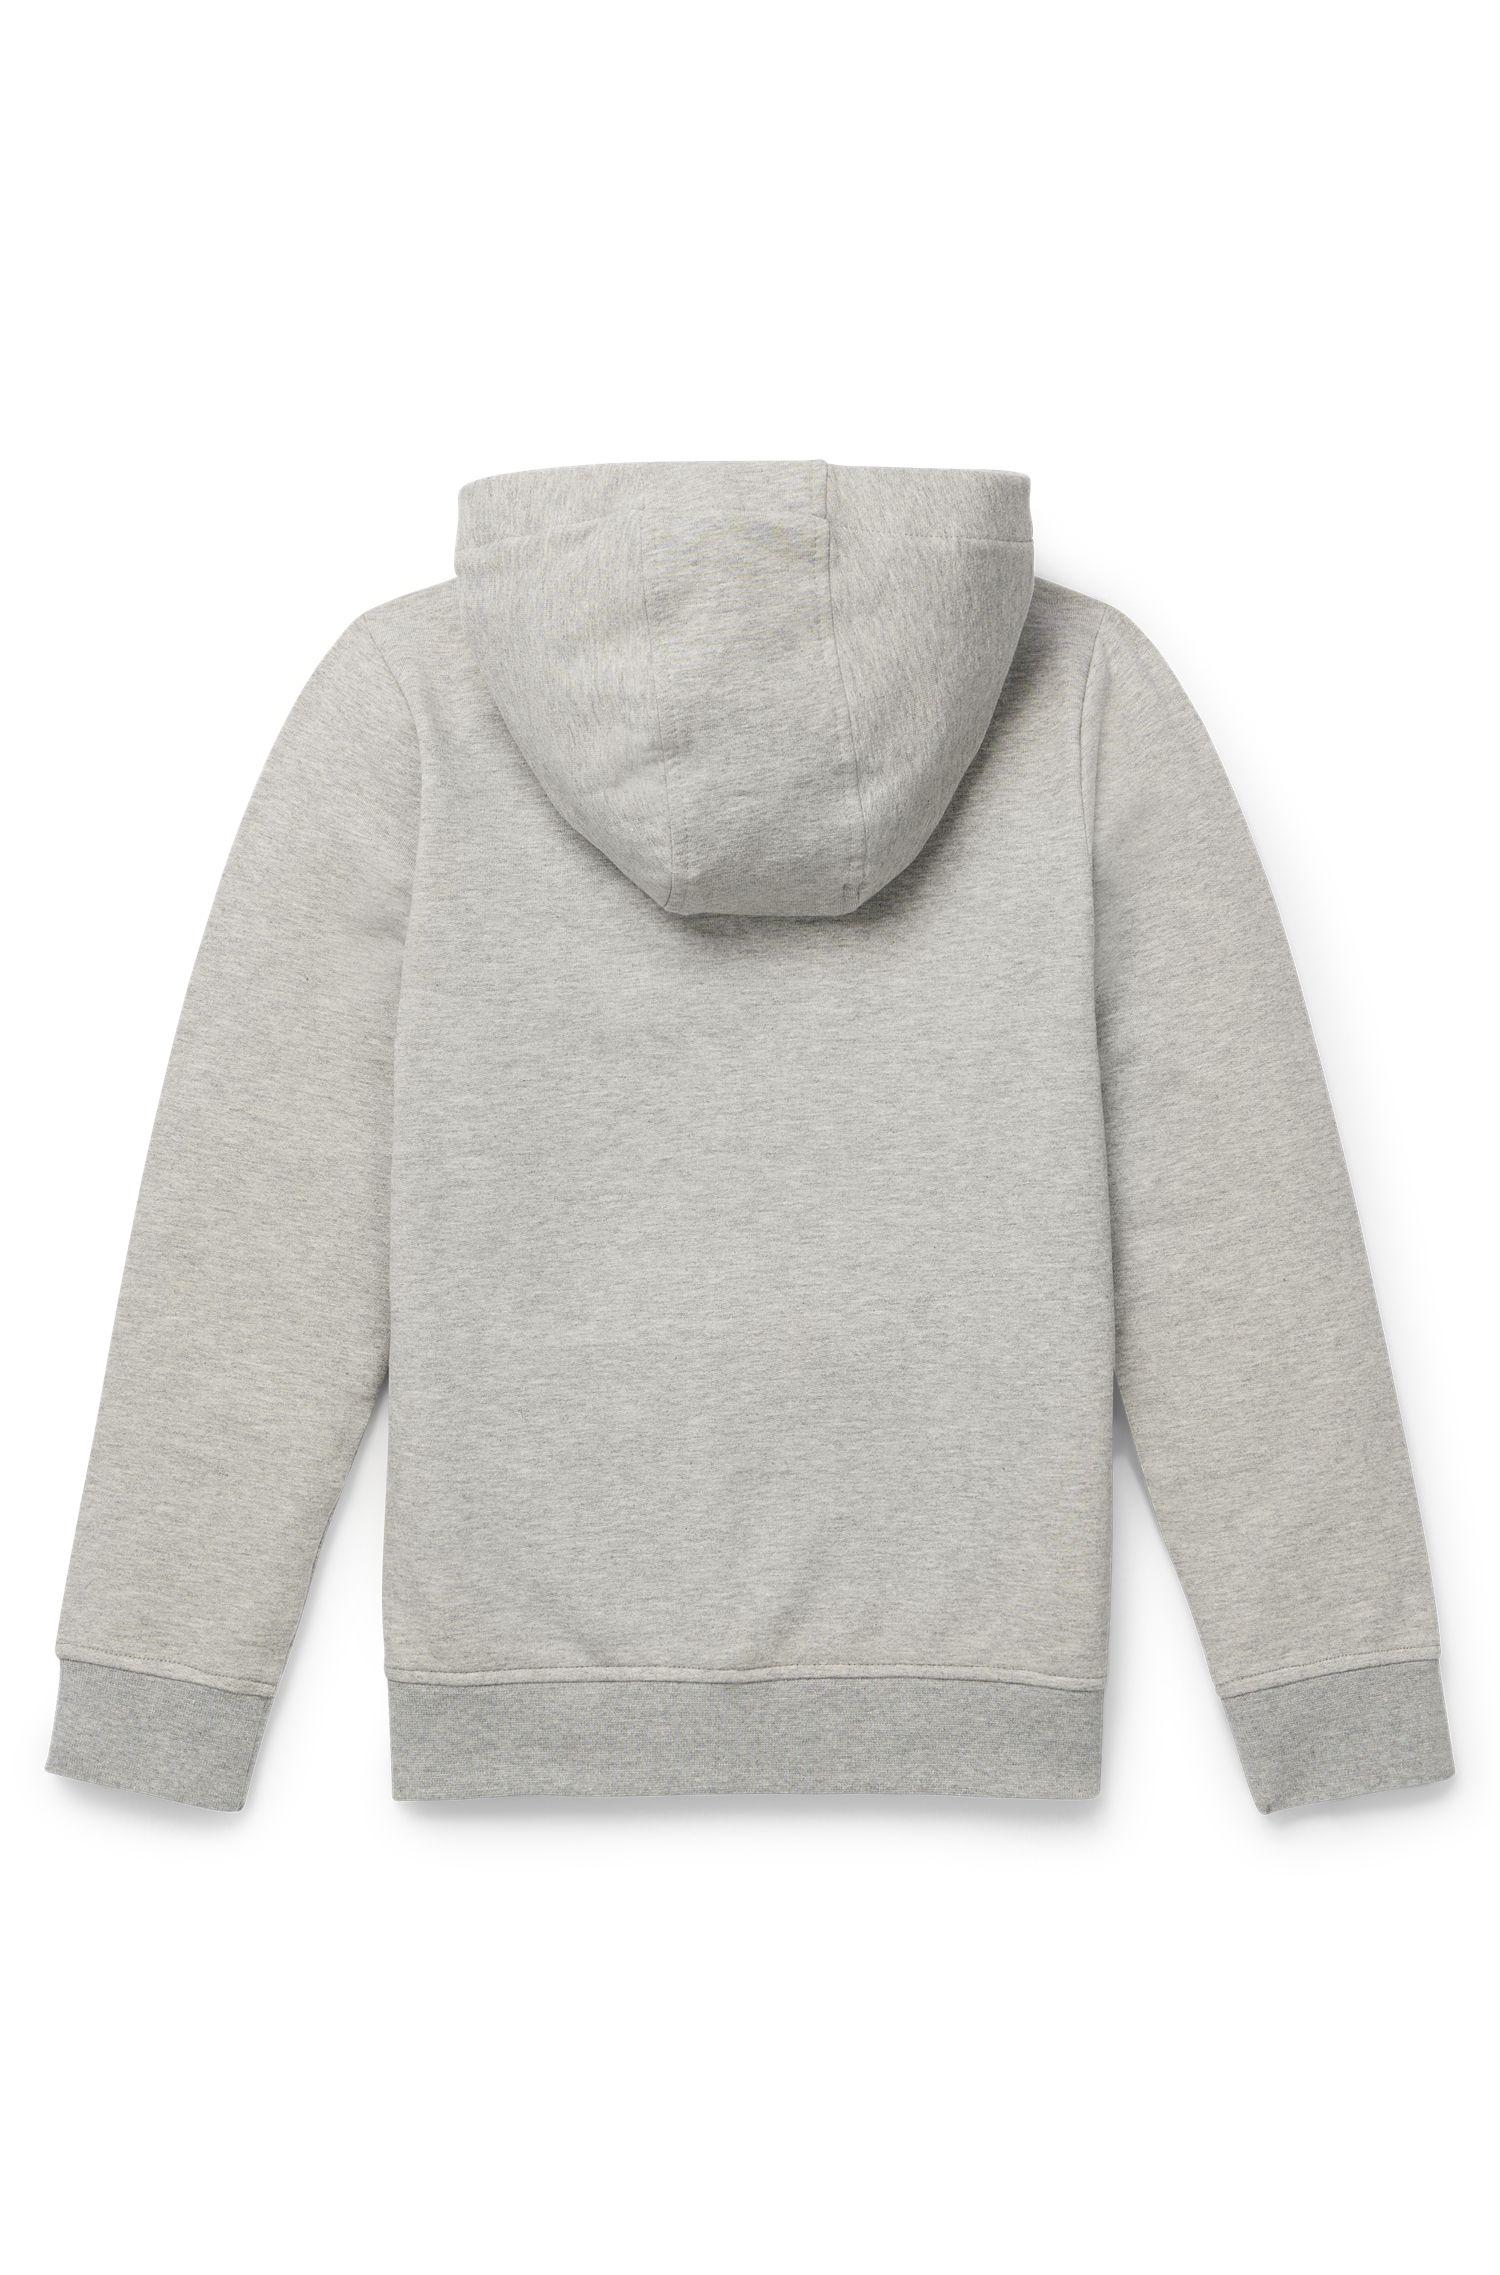 Kids-Jacke aus elastischem Baumwoll-Fleece mit Kapuze, Hellgrau